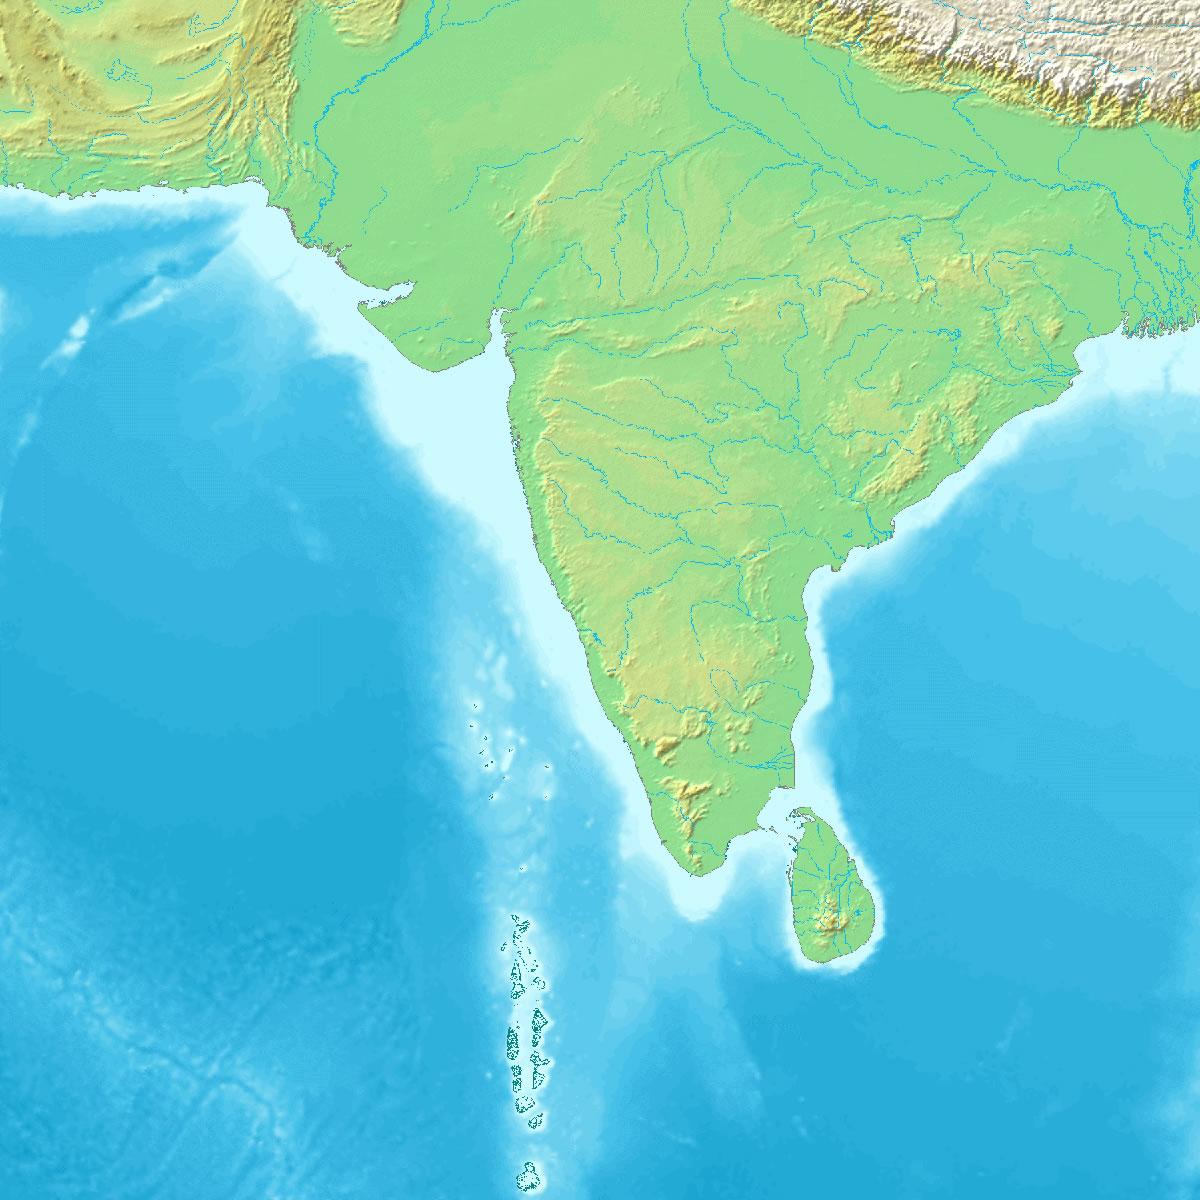 topographic-india-map